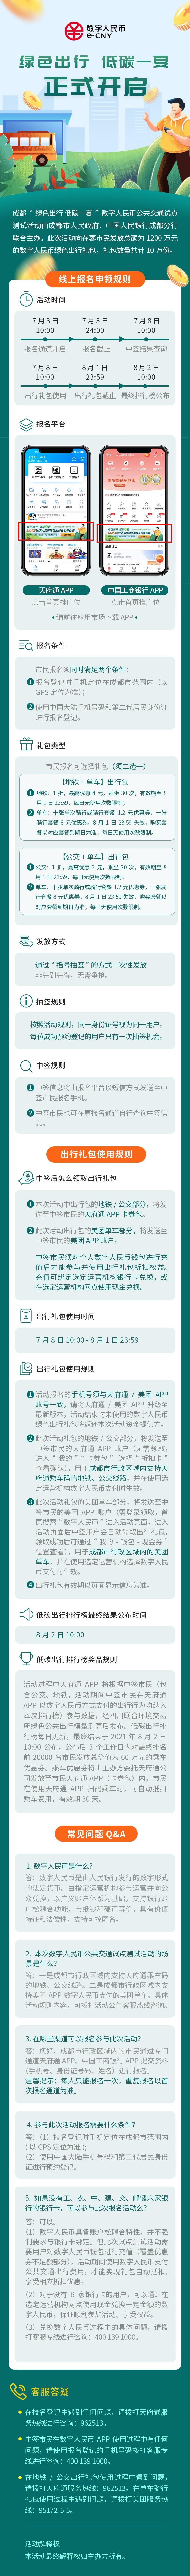 成都开启数字人民币公共交通试点测试活动 1200万元,10万份!